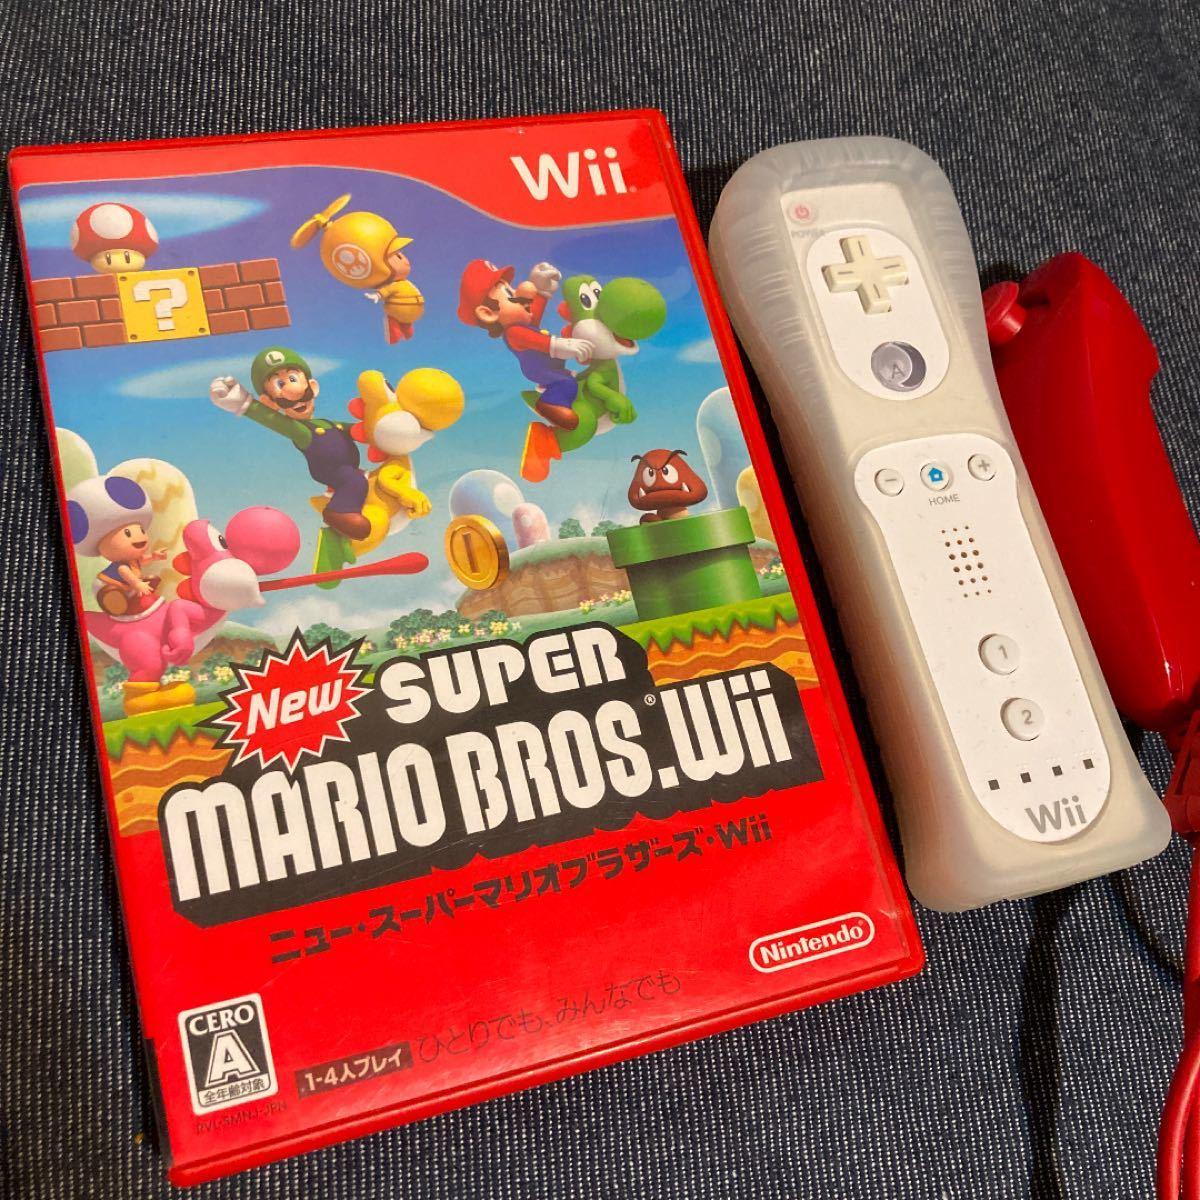 Wii スーパーマリオブラザーズ リモコン ヌンチャク